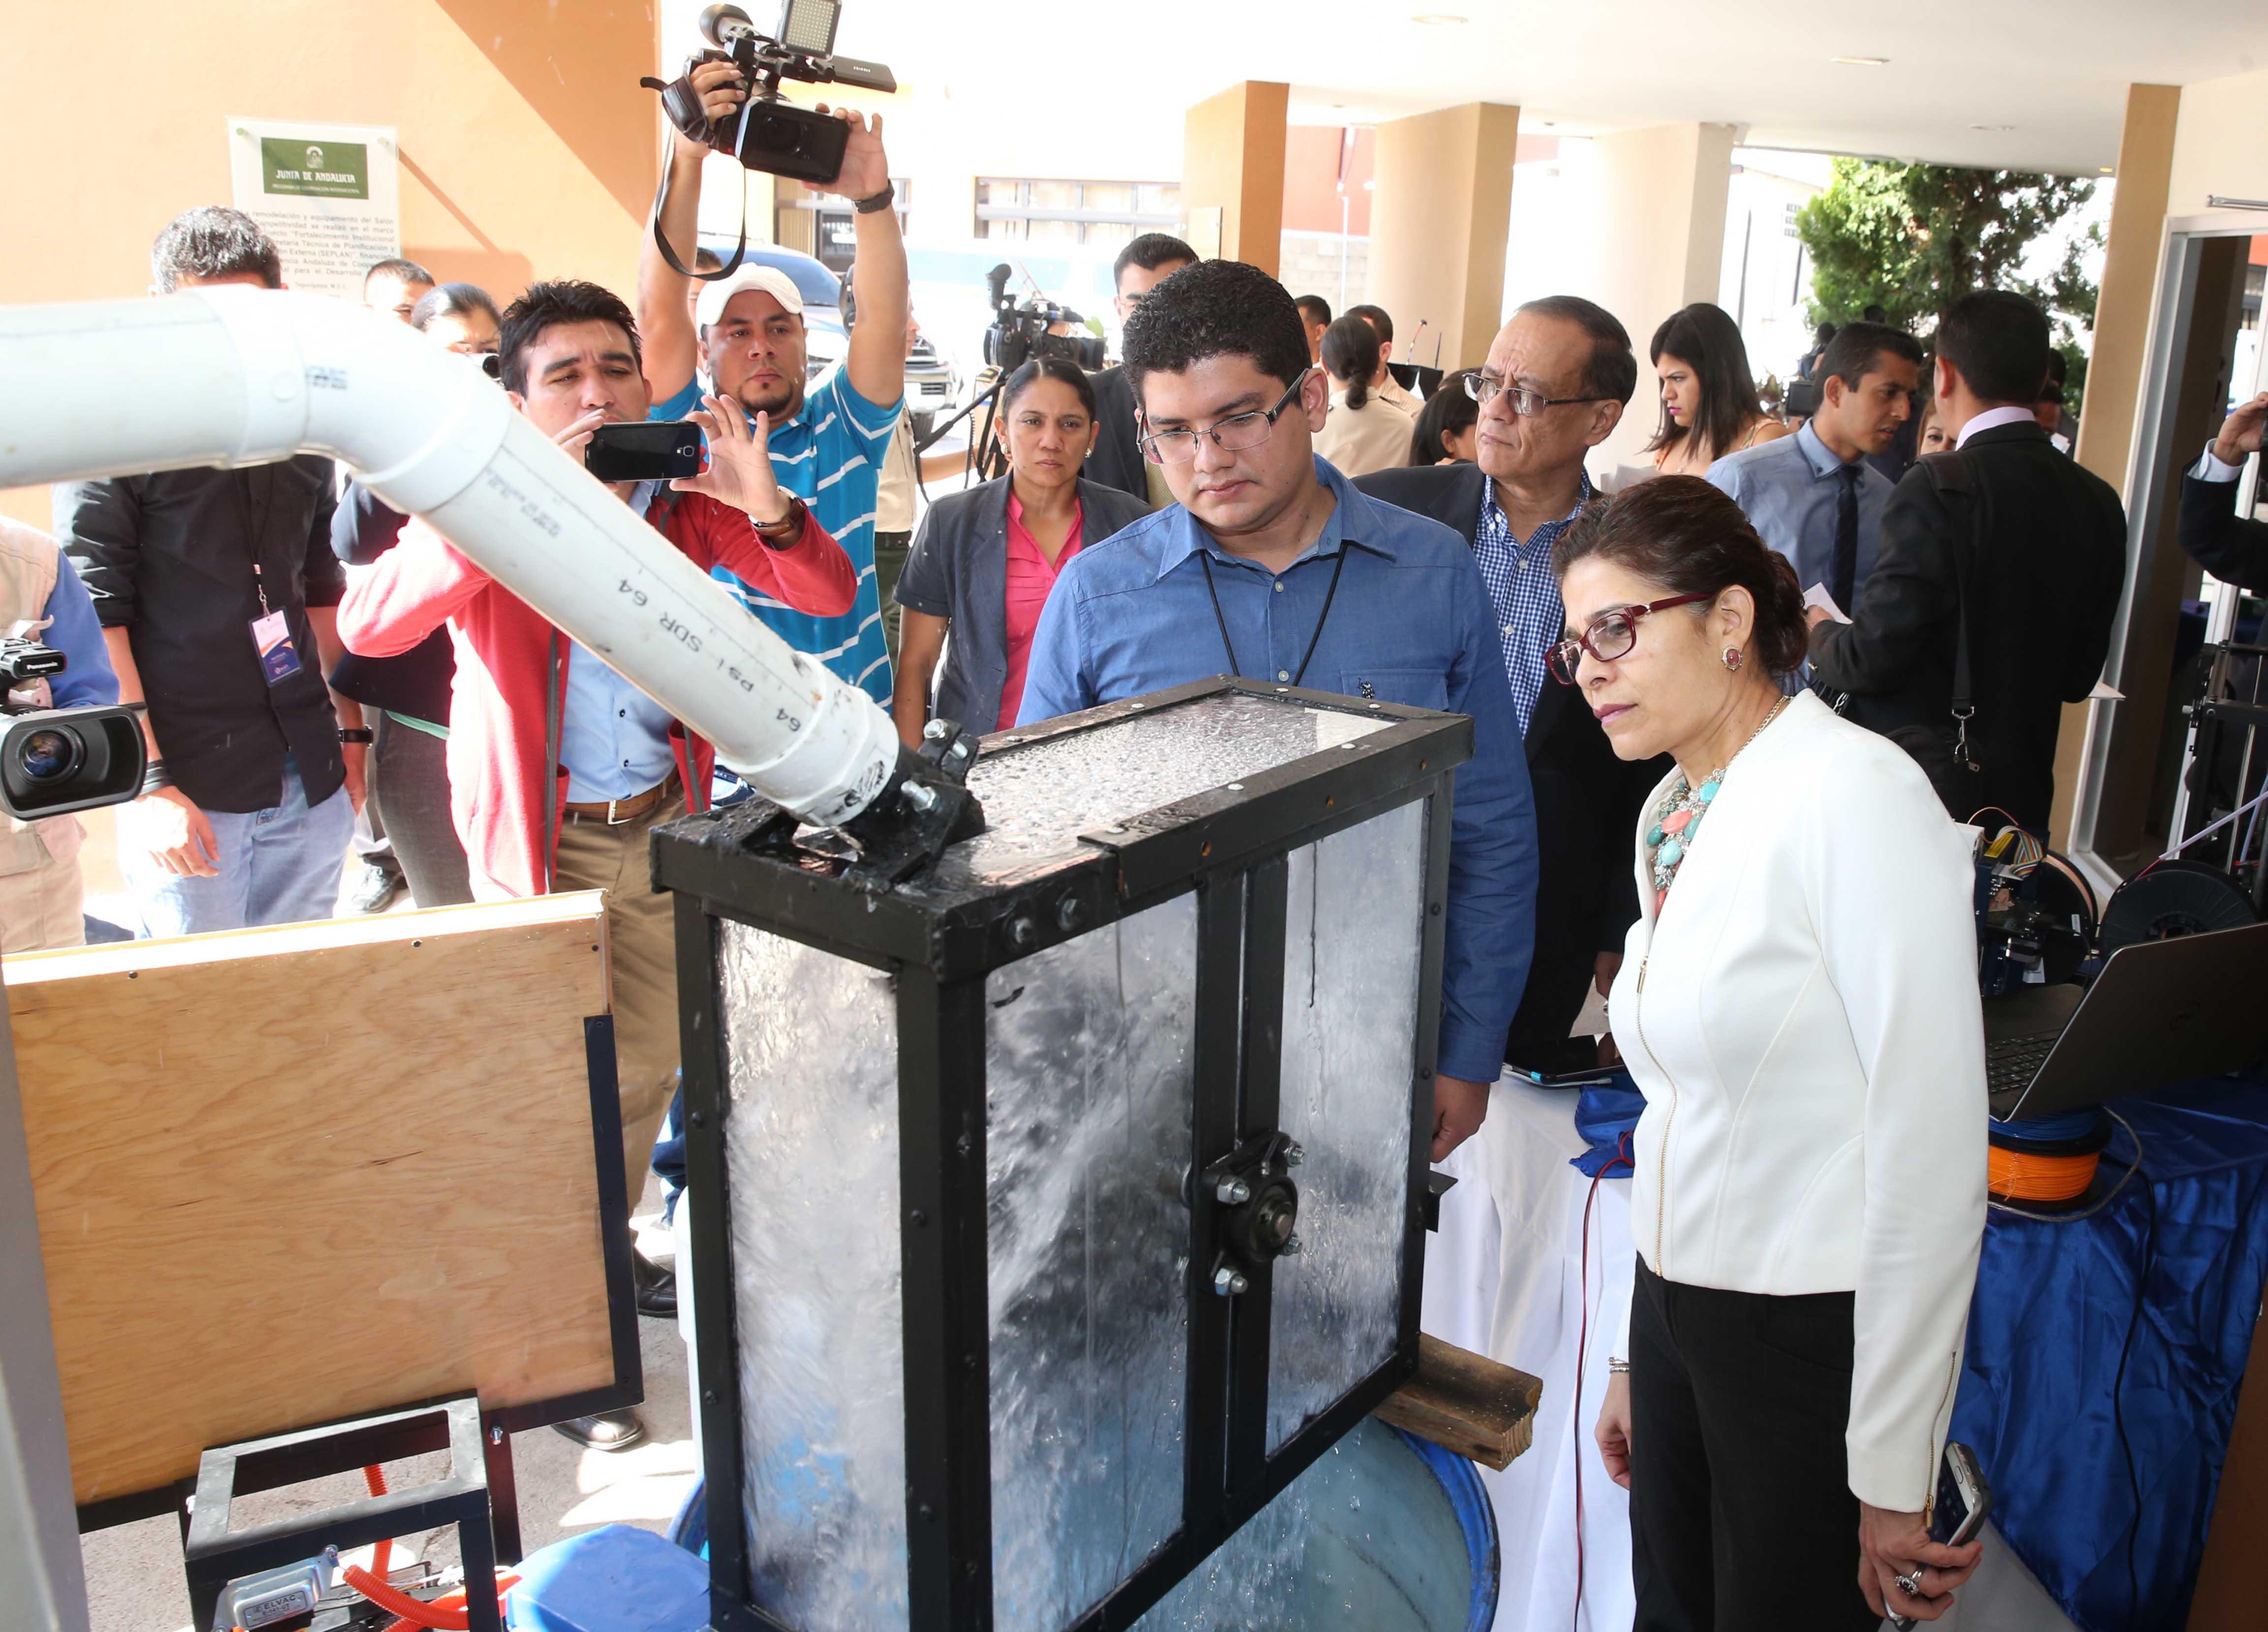 Aniquilador de larvas de zancudo y purificador de sangre, premios nacionales  de Ciencia y Tecnología